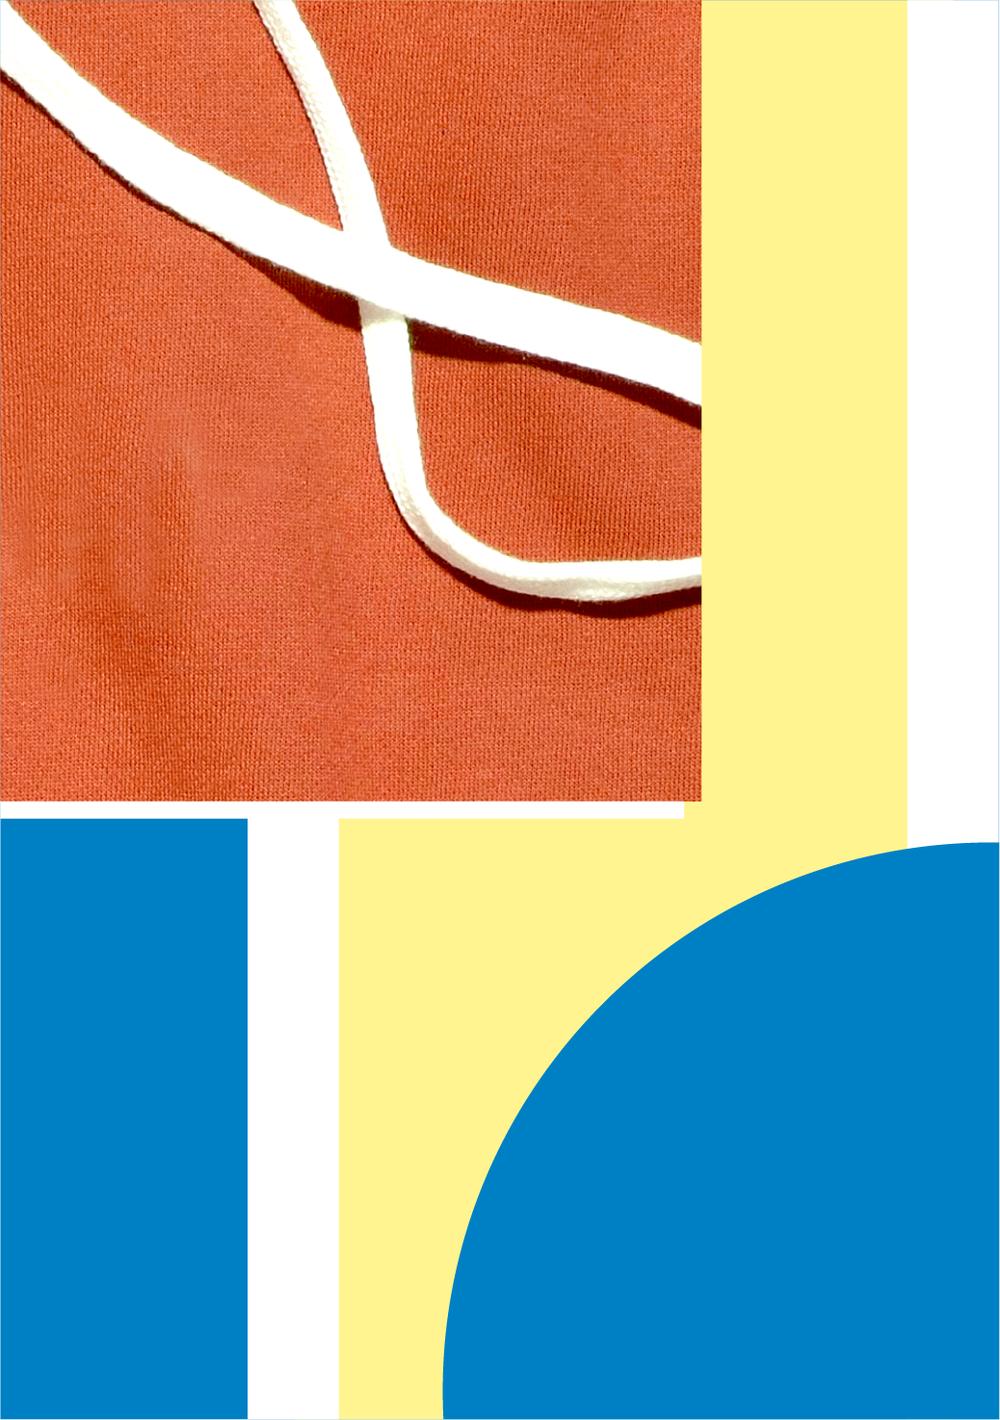 Large catalogue de produits - Nous proposons des vêtements actuels, tendance, intimement liés à la mode par la coupe, les coloris, la qualité, la durabilité et l'éthique de production, avec une personnalisation cool et unique.KERMESS a développé une technologie de personnalisation qui permet de répondre à toutes les typologies de commandes, dans des délais très courts.